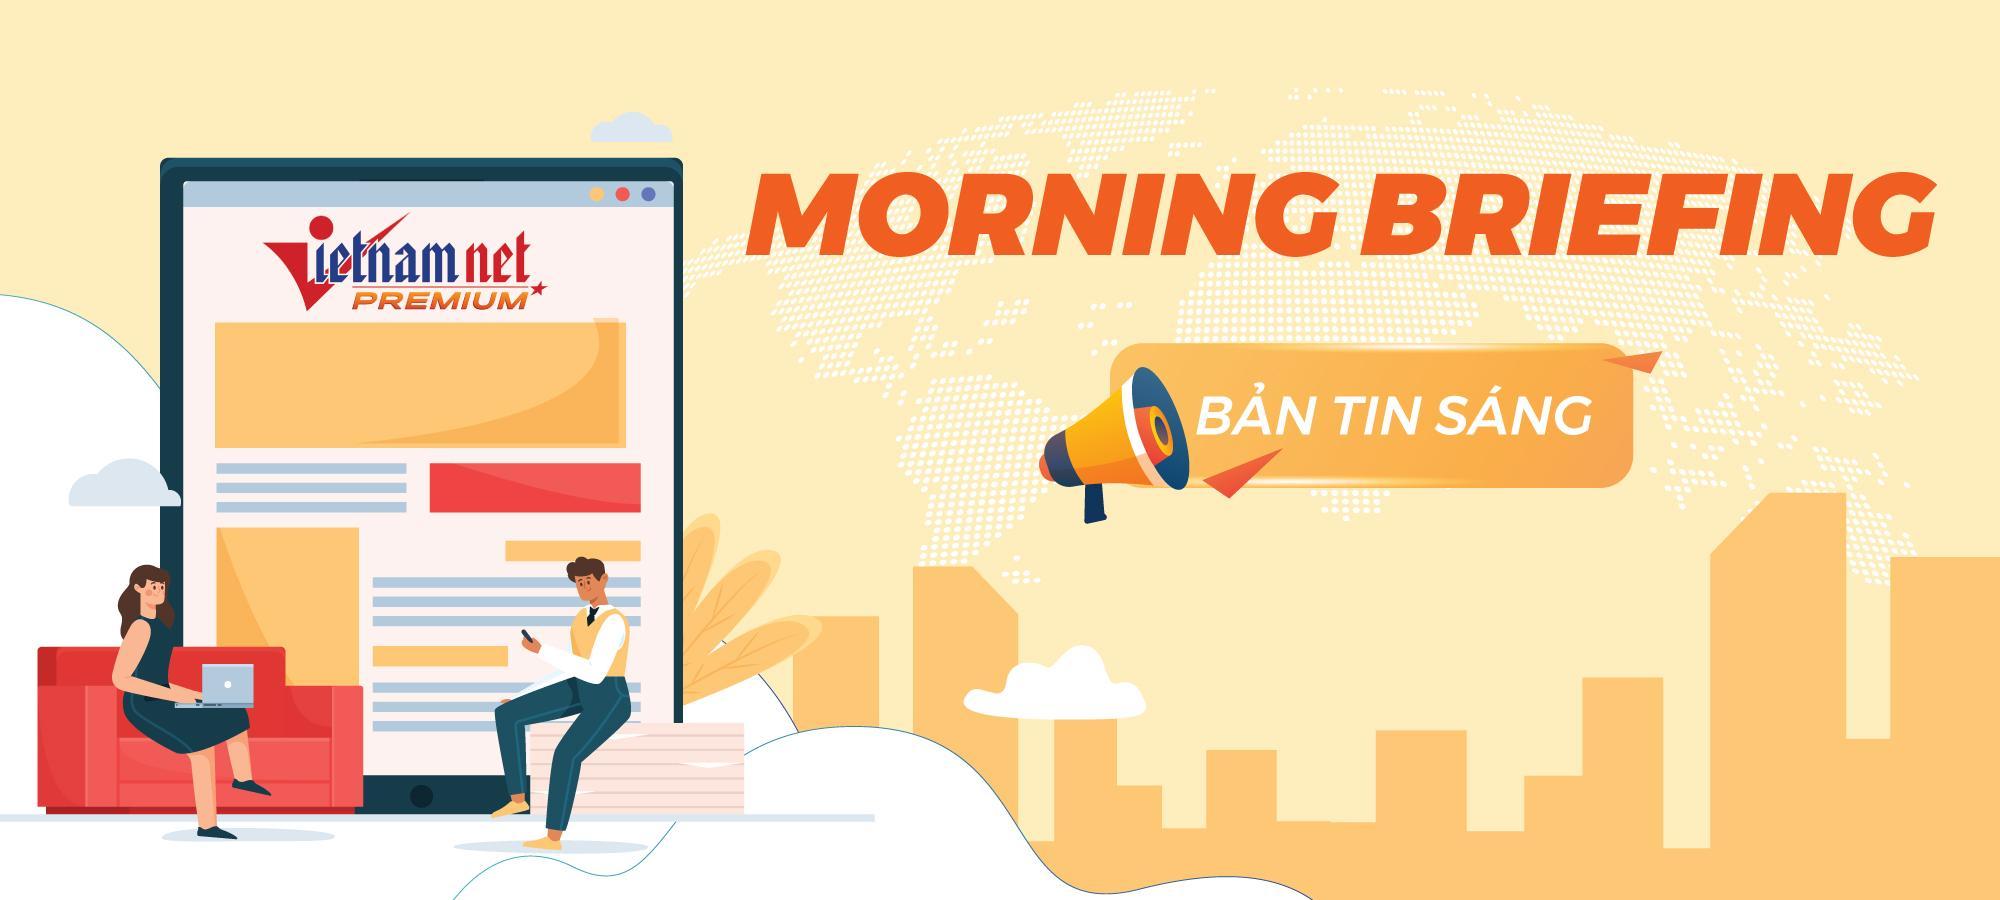 Bản tin sáng VietNamNet (27/09/2021)